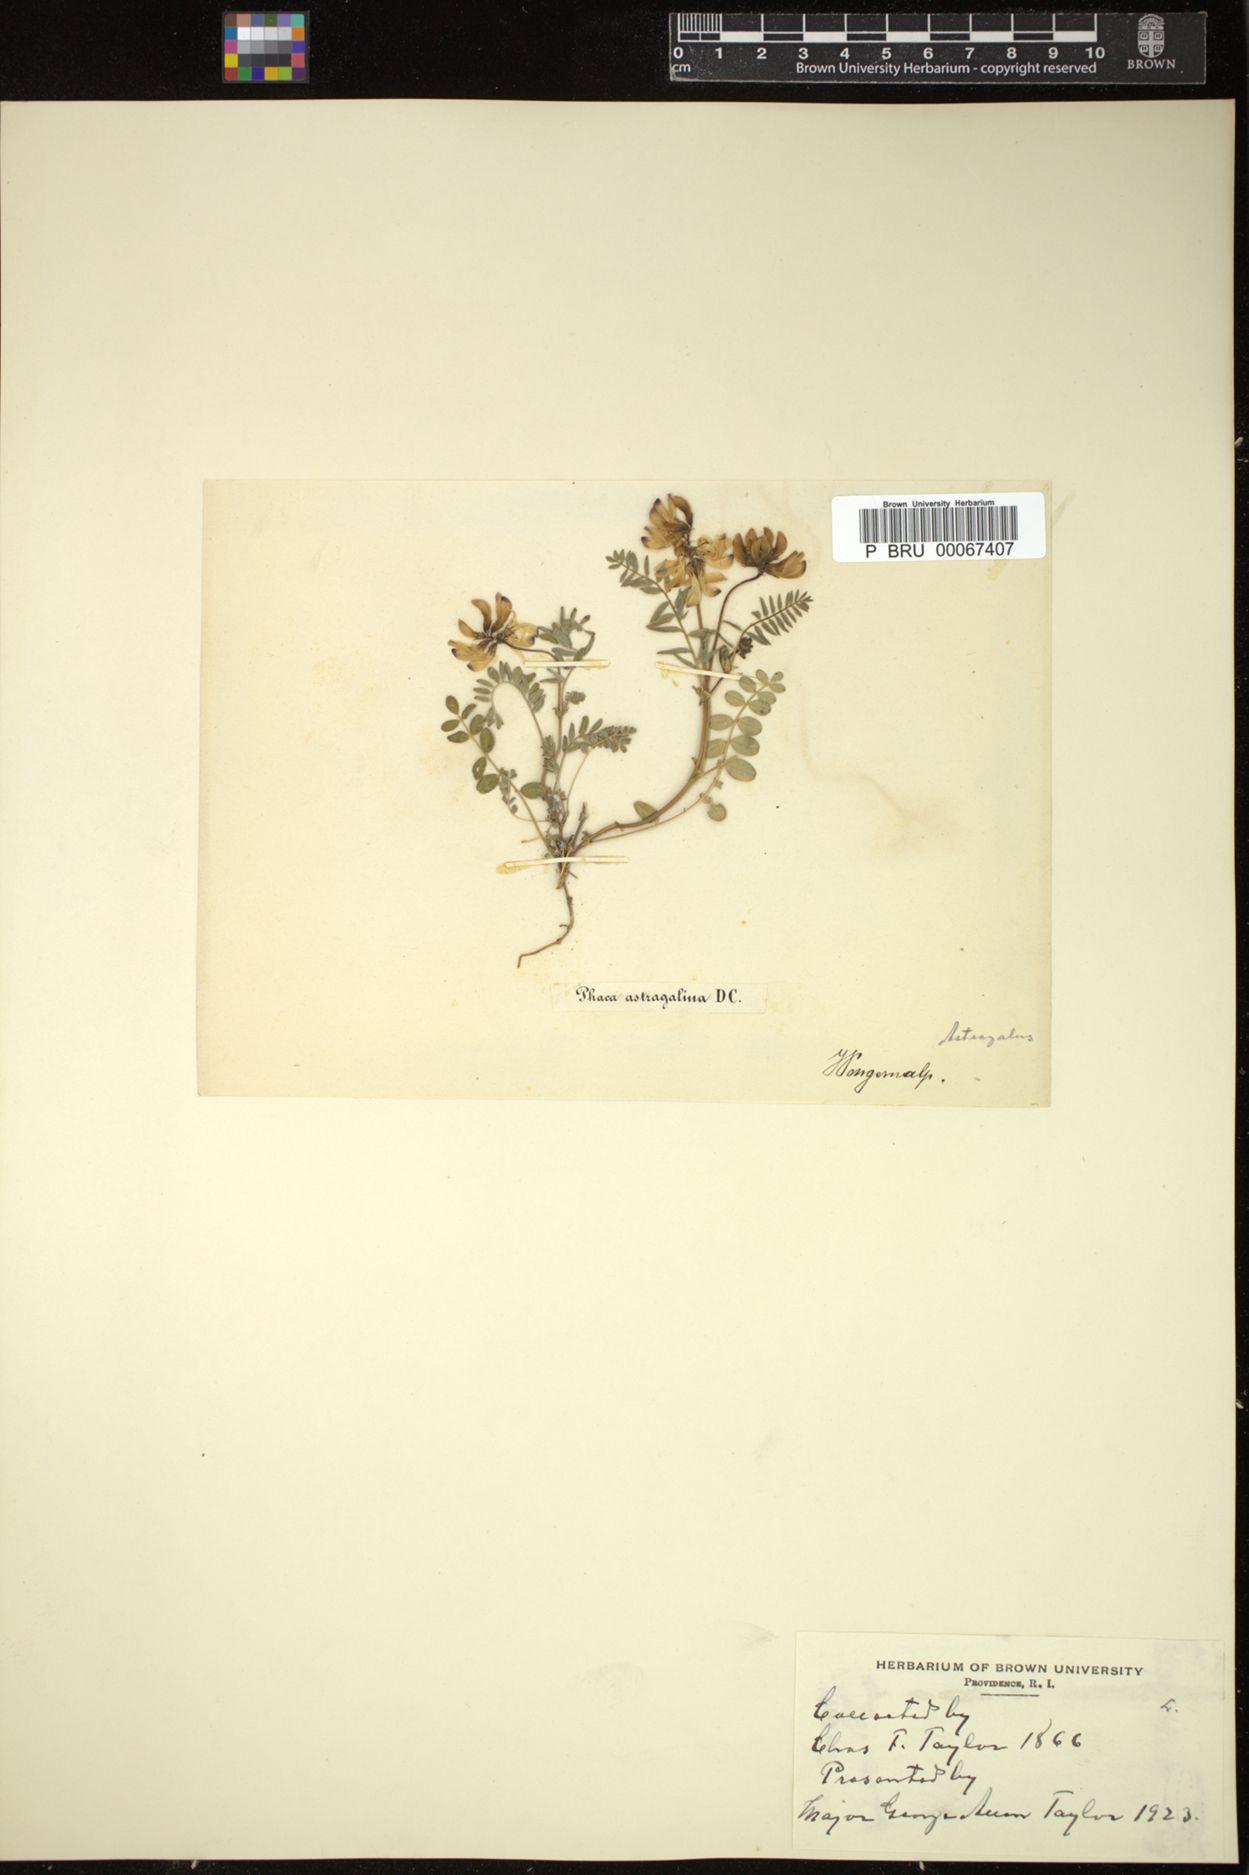 Astragalus astragalinus image